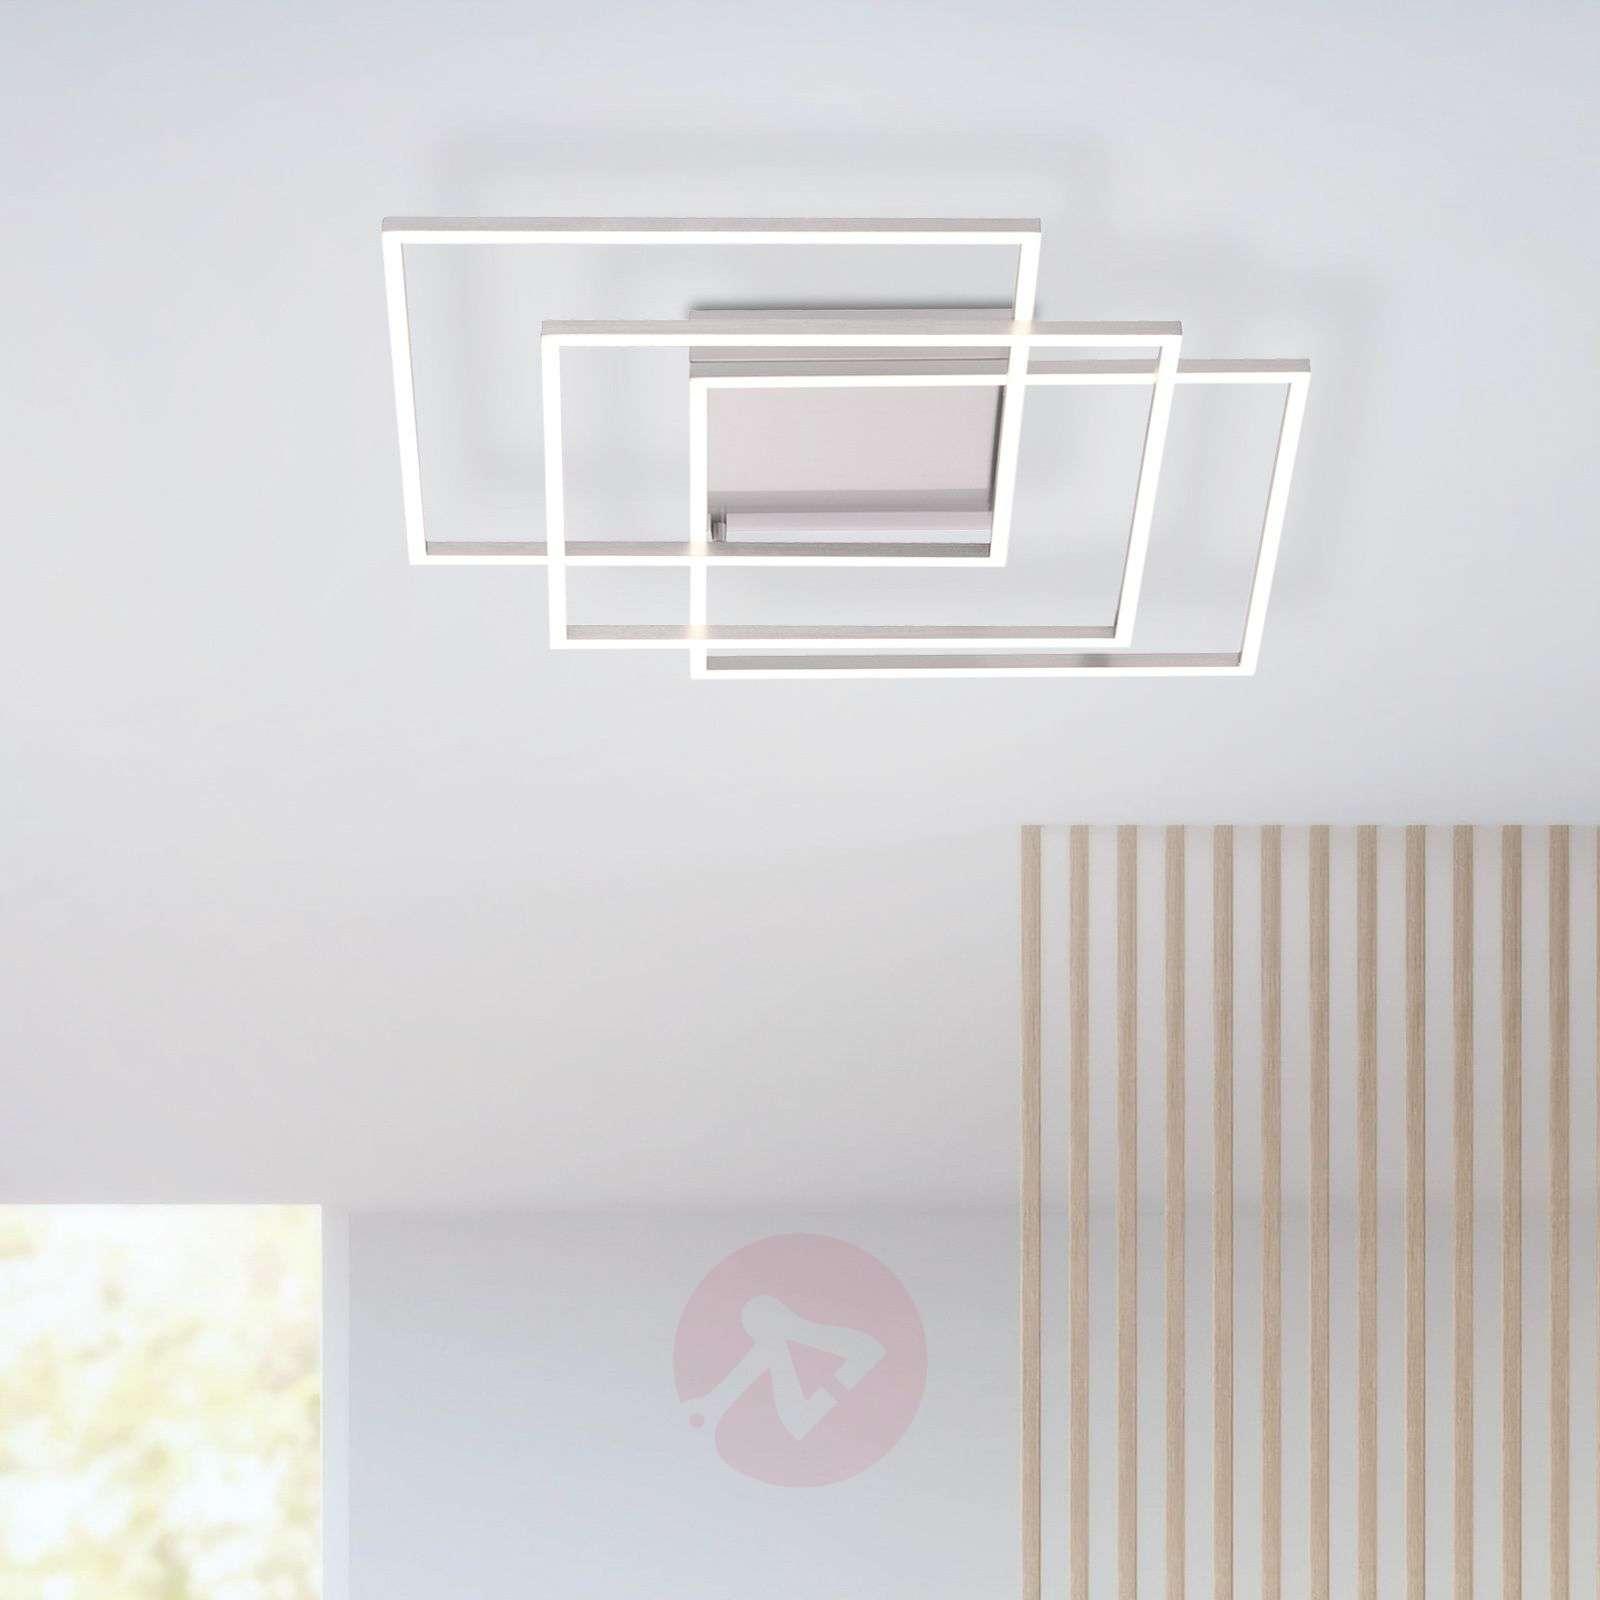 Paul Neuhaus Q-INIGO LED-kattovalaisin, 60 cm-7610676-01